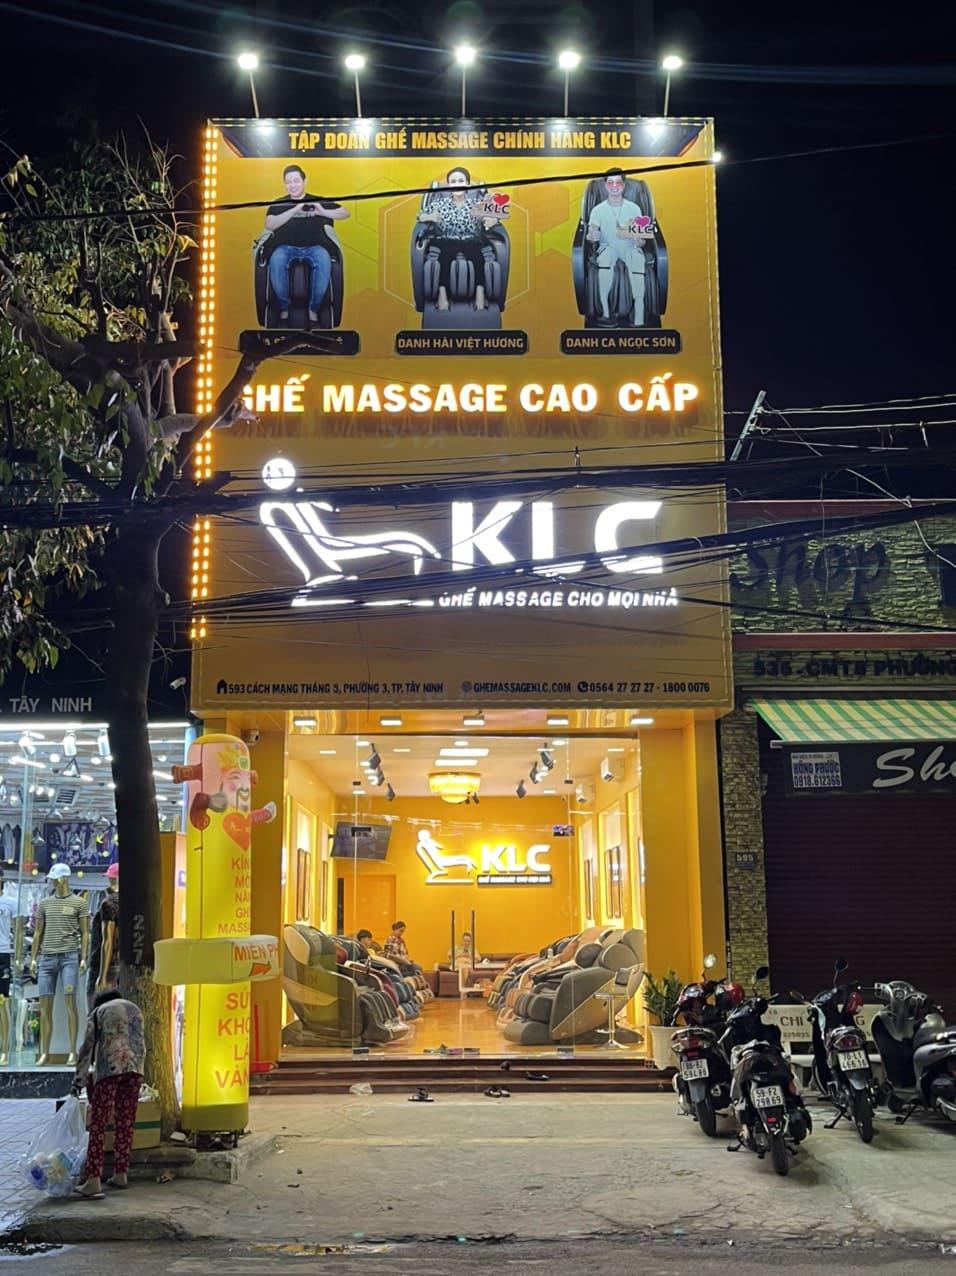 Ghế Massage Chính Hãng KLC - Tây Ninh